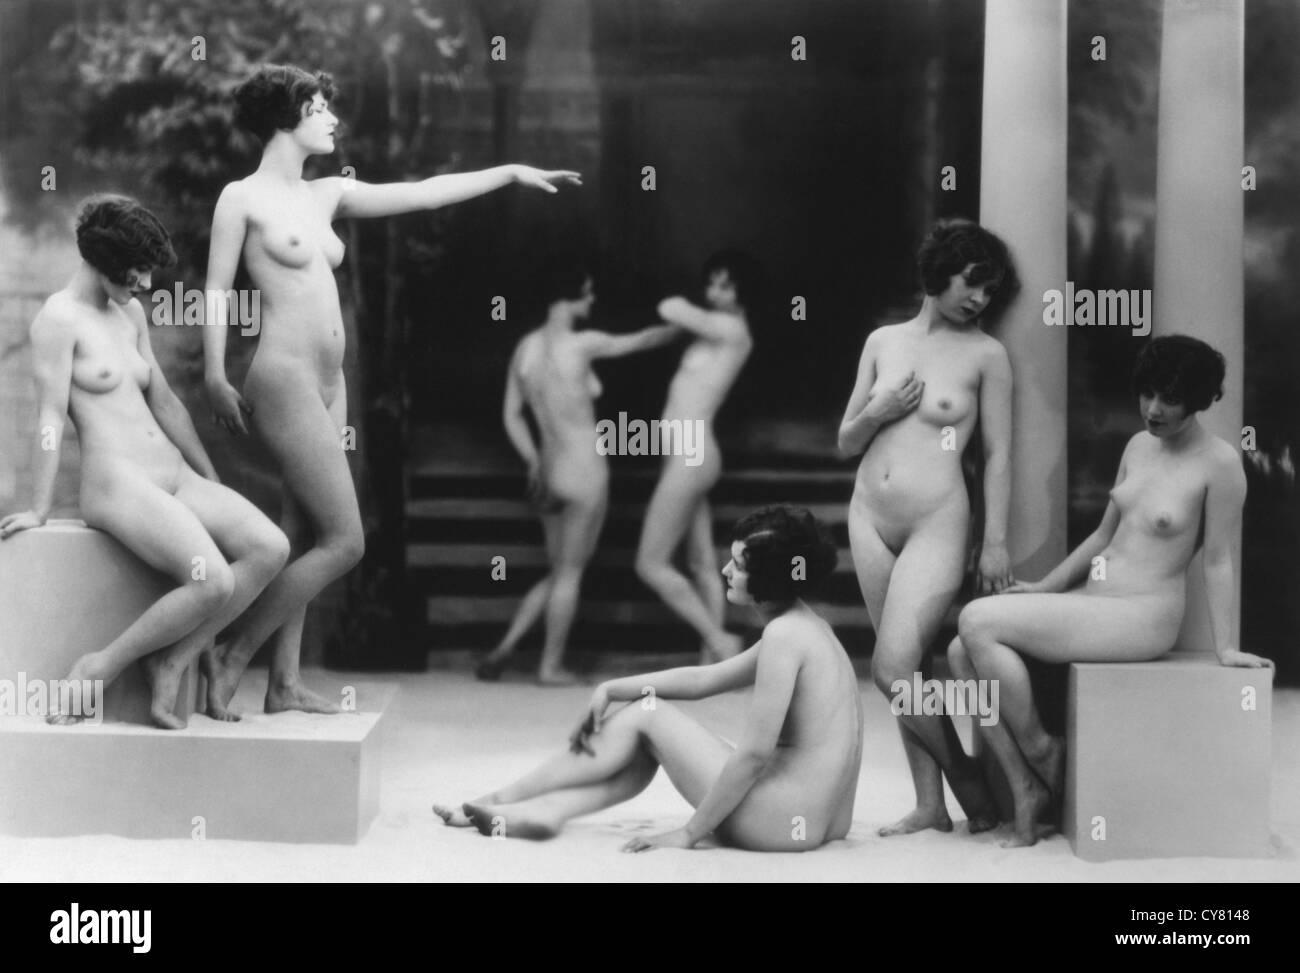 Nackt frauen posen Sexfilme gratis